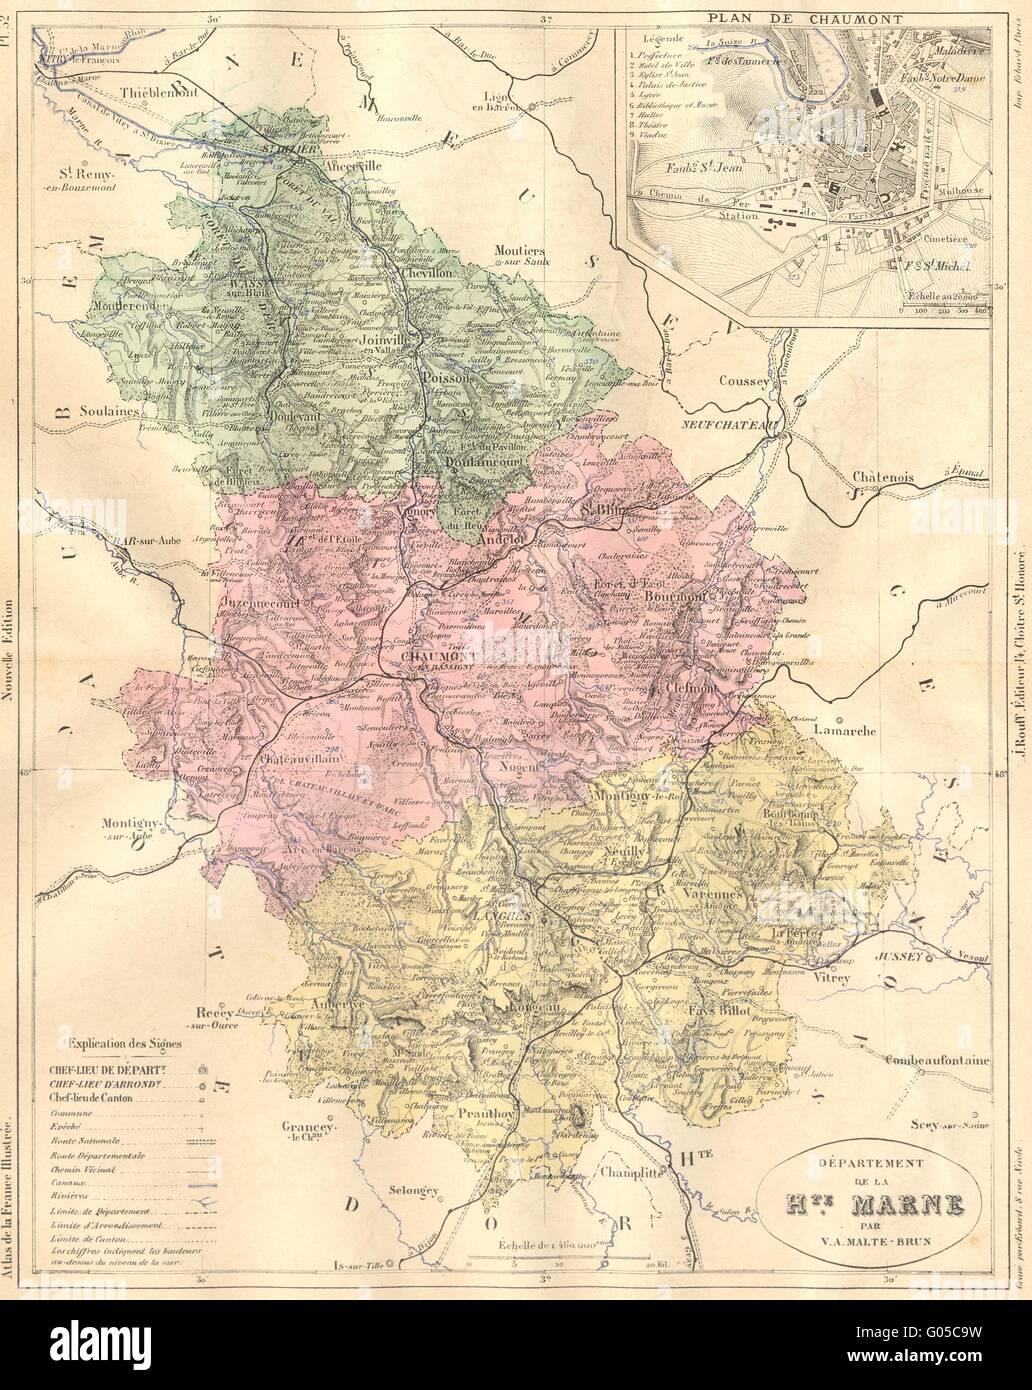 Haute marne departement de hte plan chaumont 1882 for Chaumont haute marne